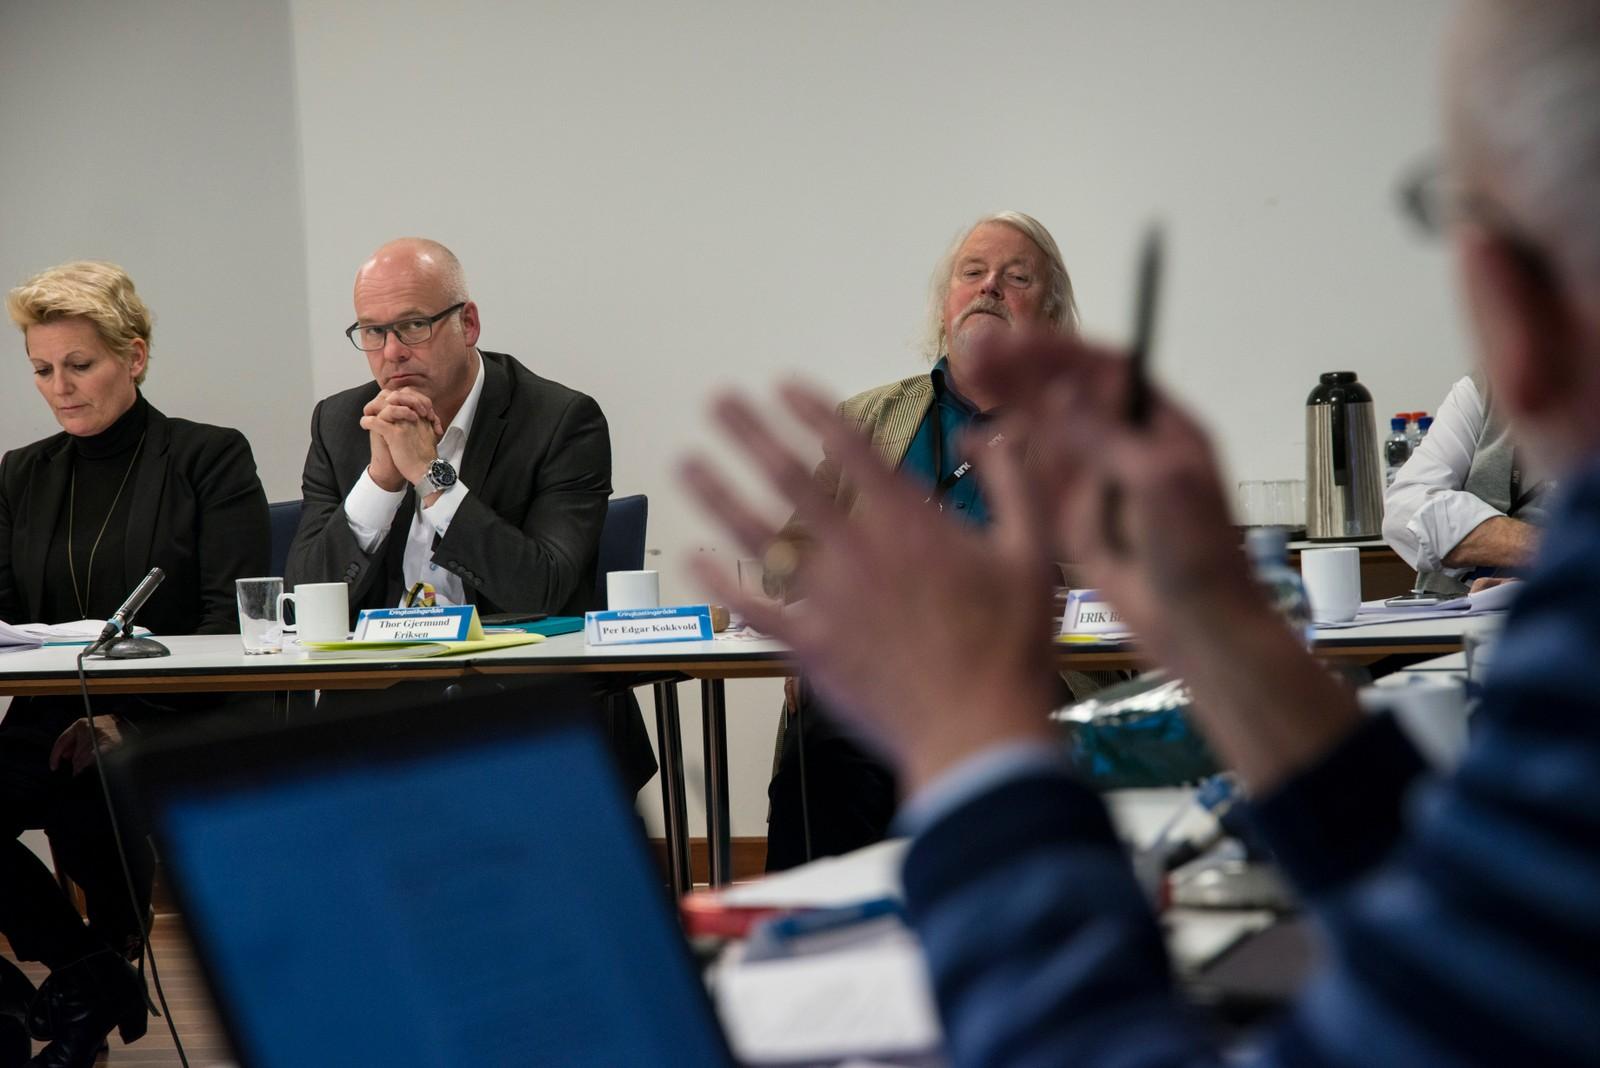 Svarer for seg: I alle år har det vært vanlig at NRKs ledelse er alltid tilstede på møtene, svarer på kritikken og hører på hva rådet sier. Her f v NRK-direktør Vibeke Fürst Haugen, kringkastingssjef Thor Gjermund Eriksen og rådets leder Per Edgar Kokkvold.